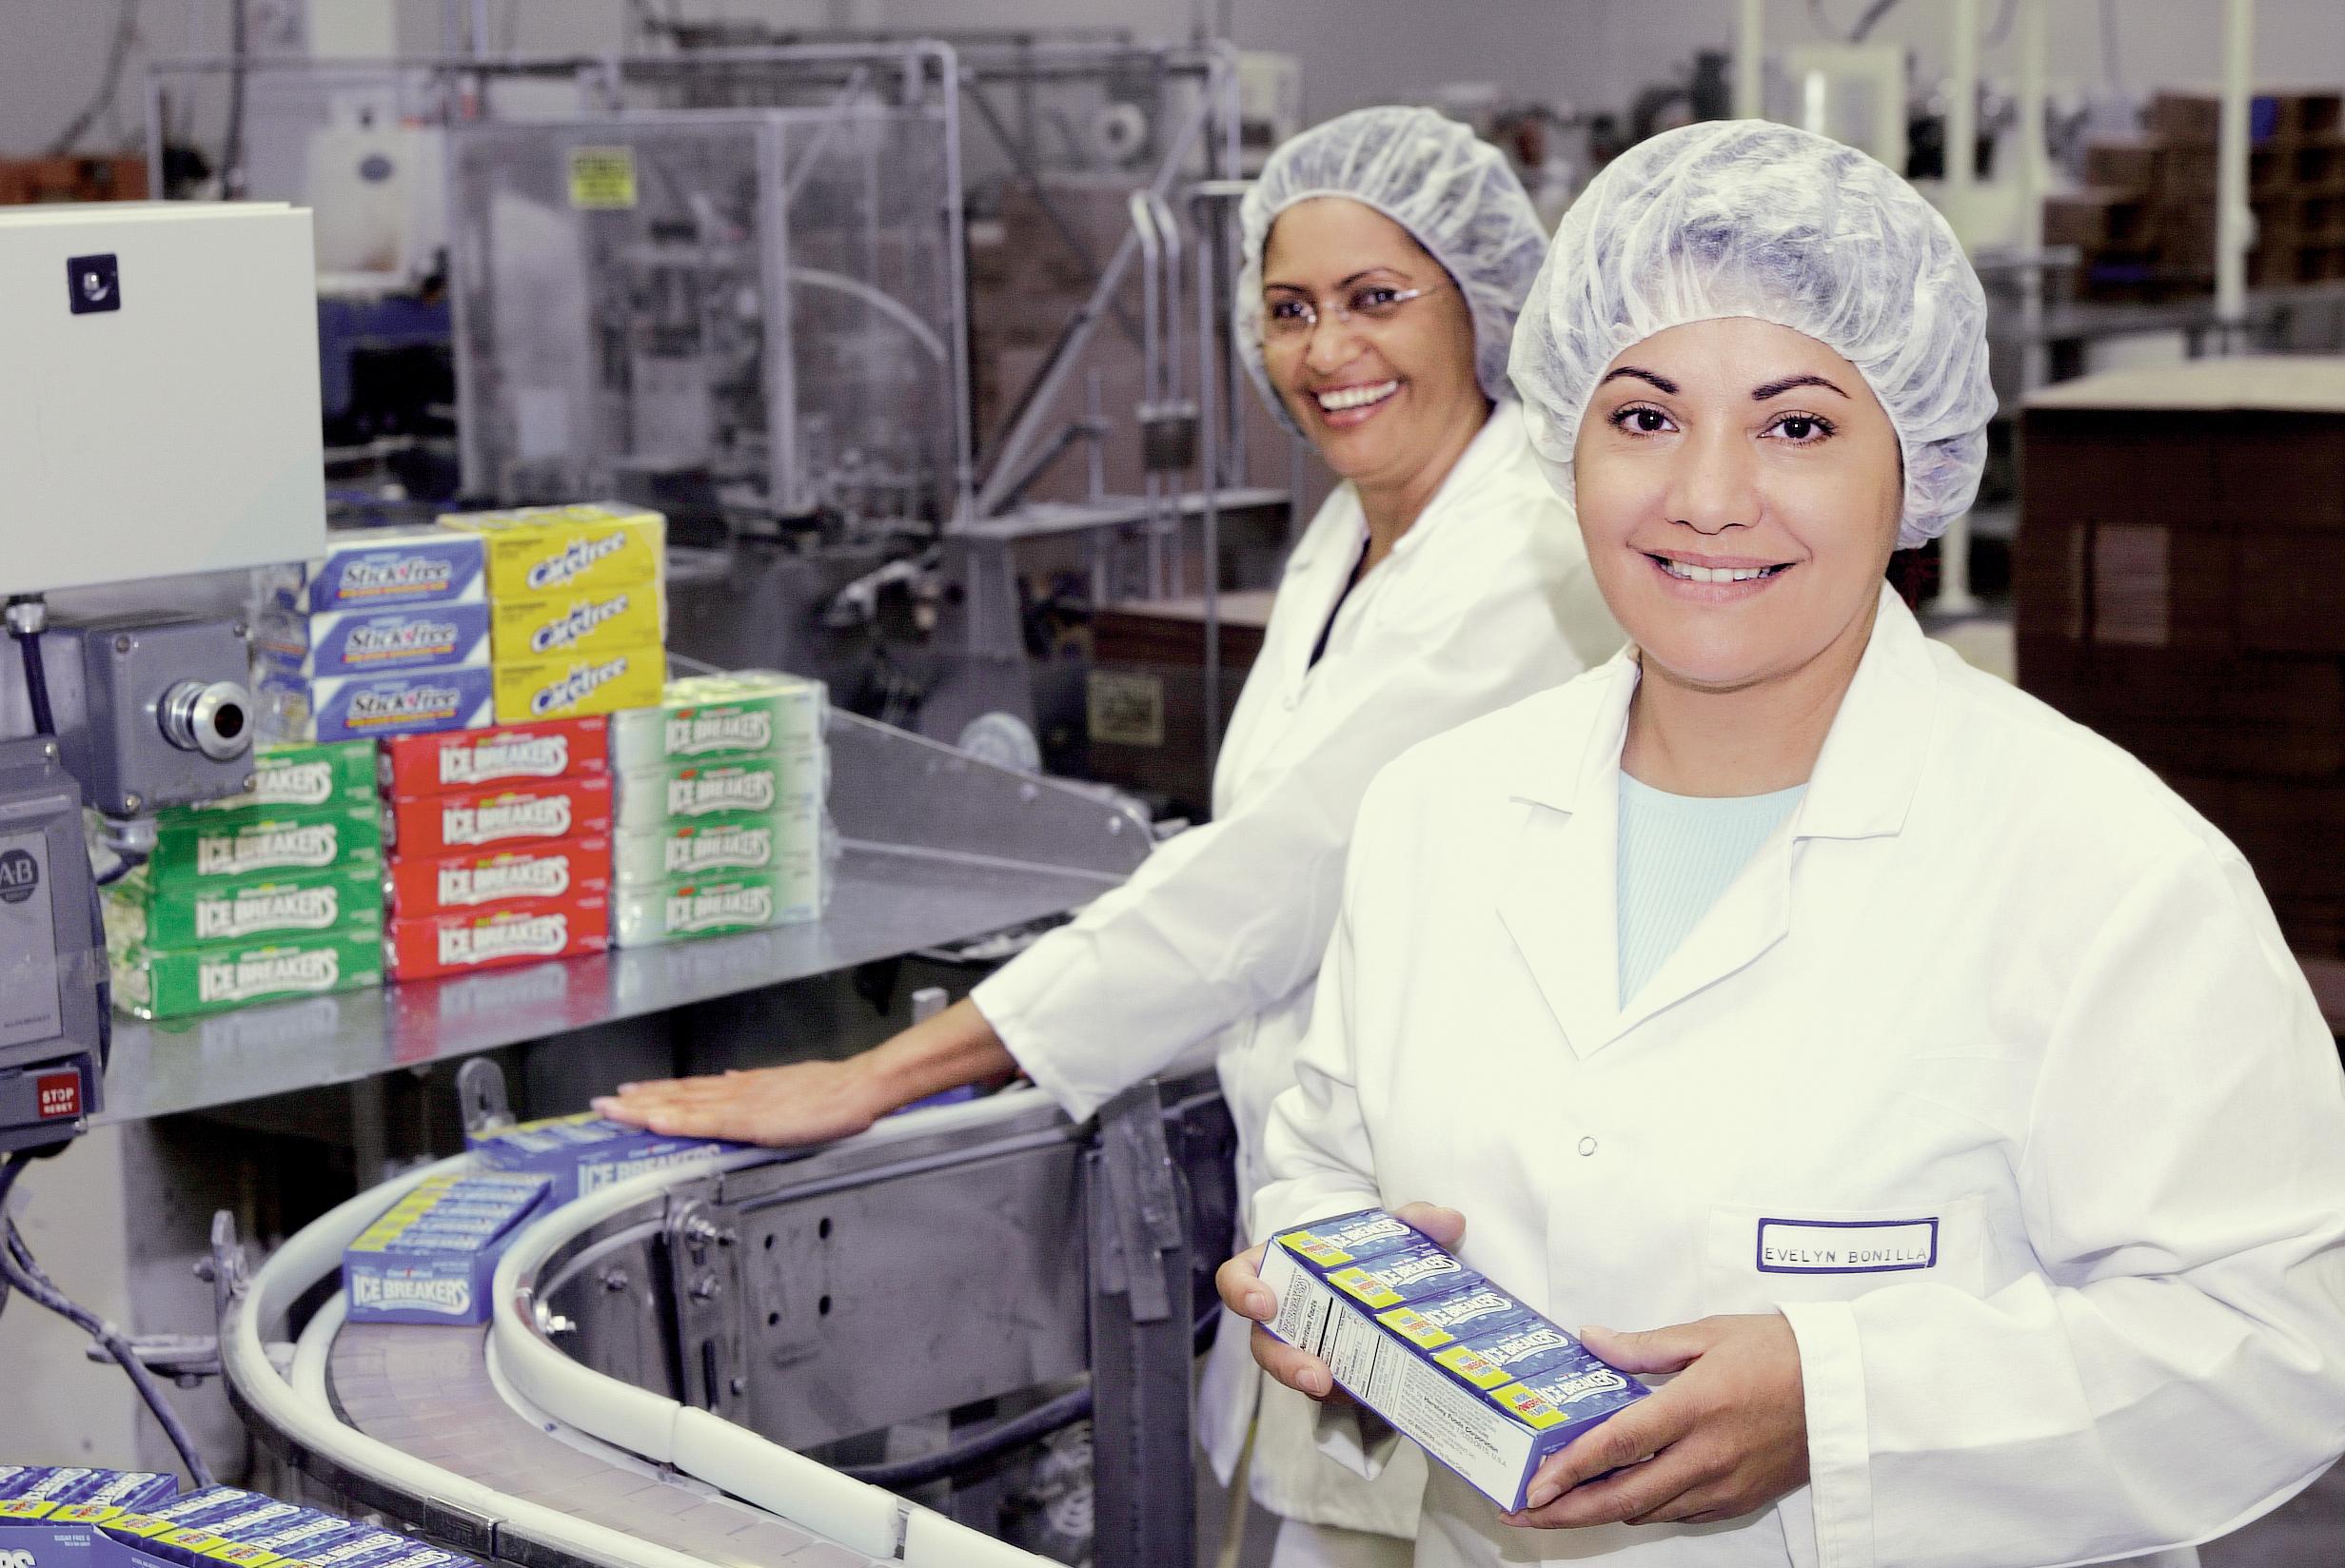 Gum-manufacturing